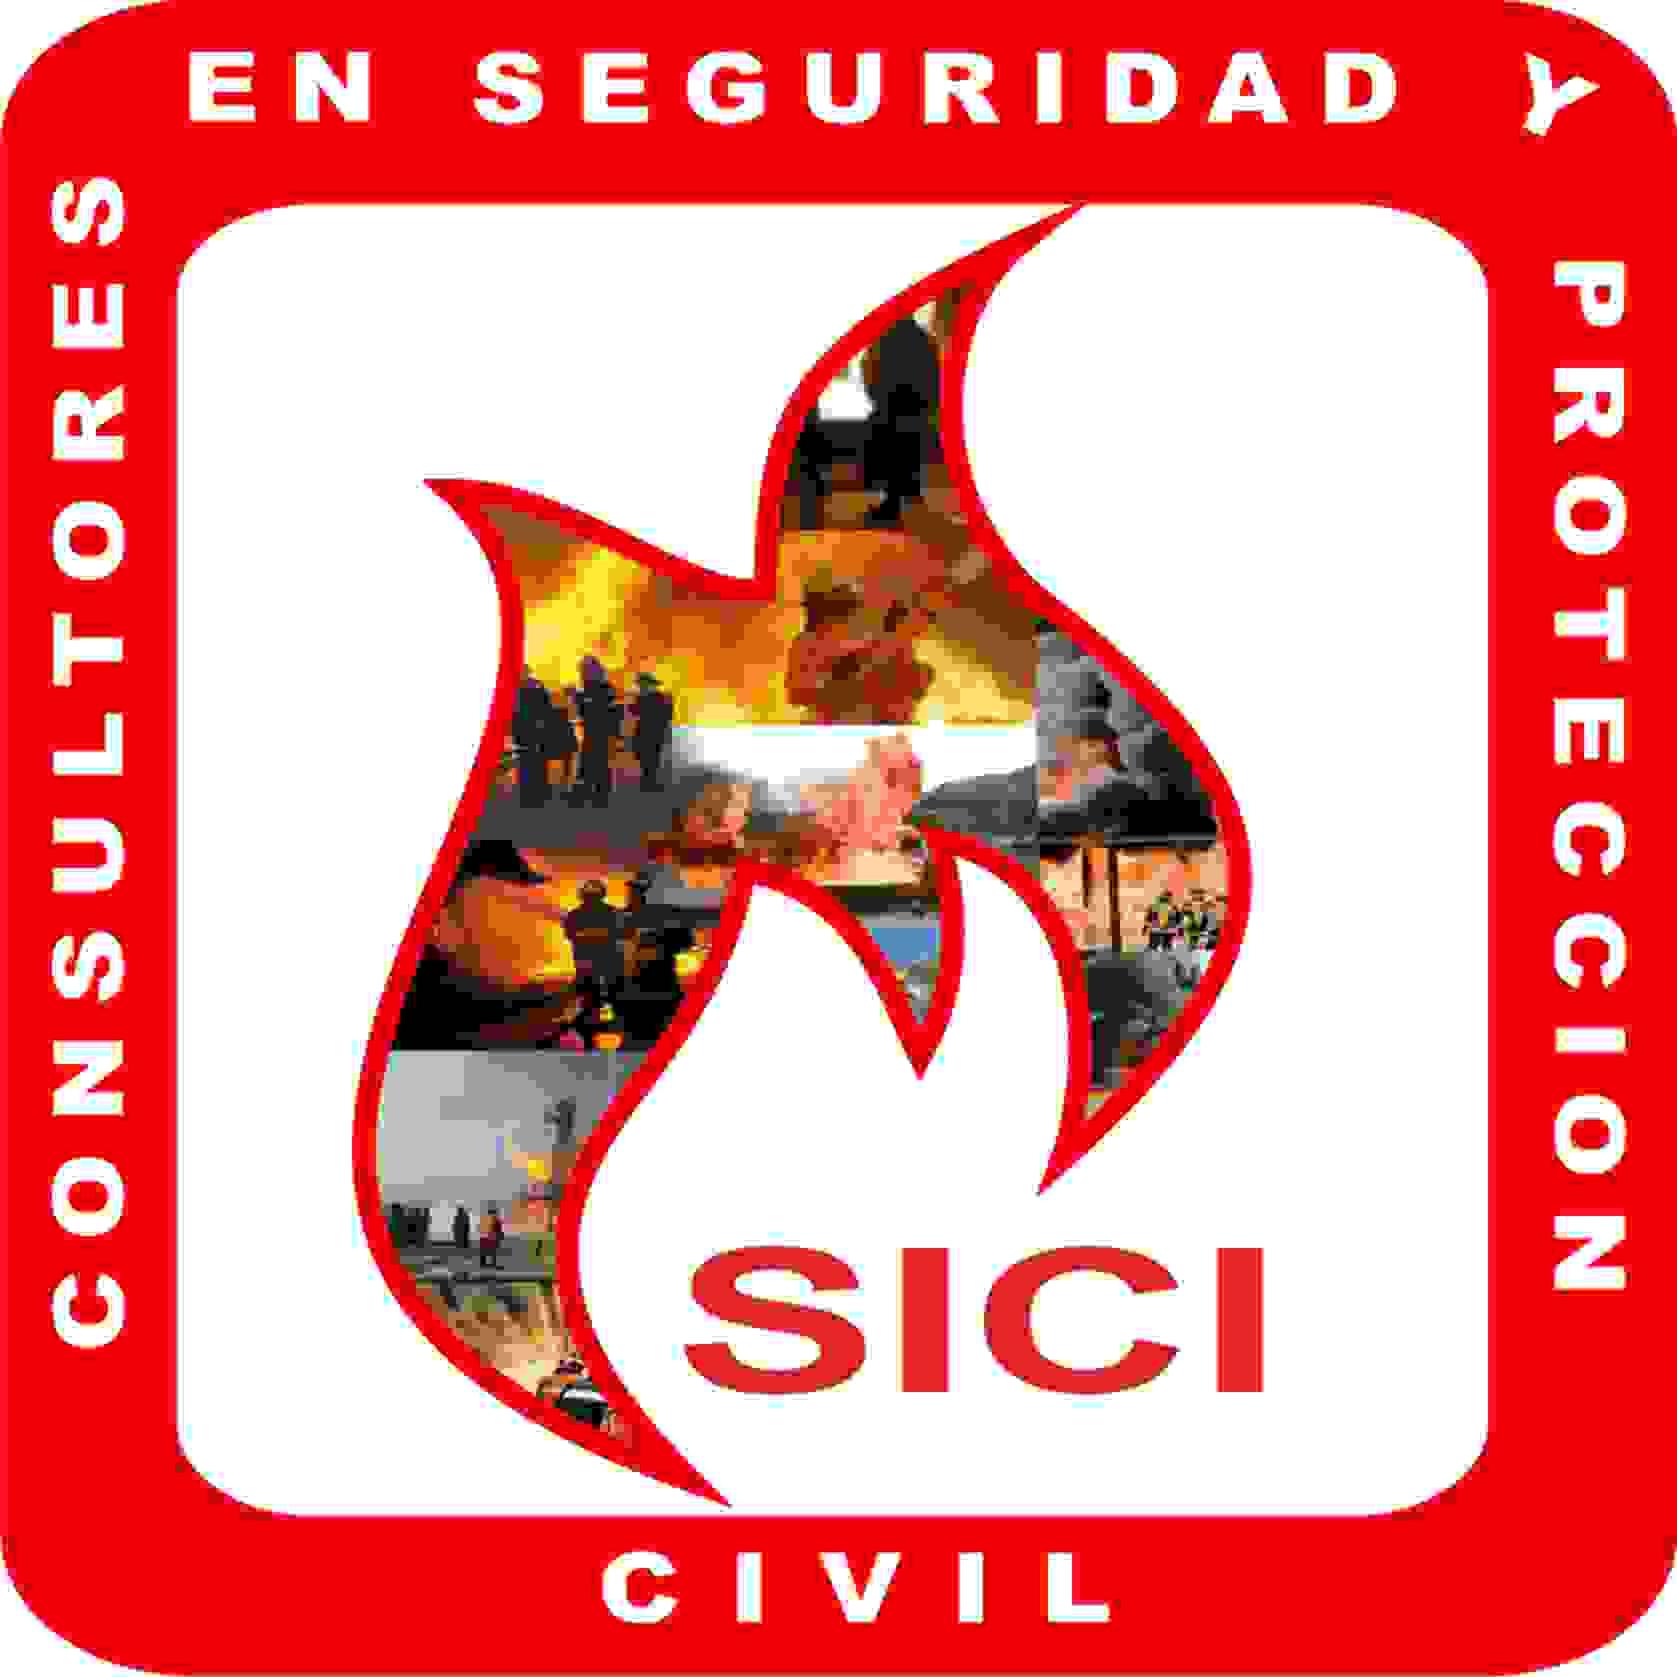 Sistemas integrados contra incendio cuernavaca - Sistemas de seguridad contra incendios ...